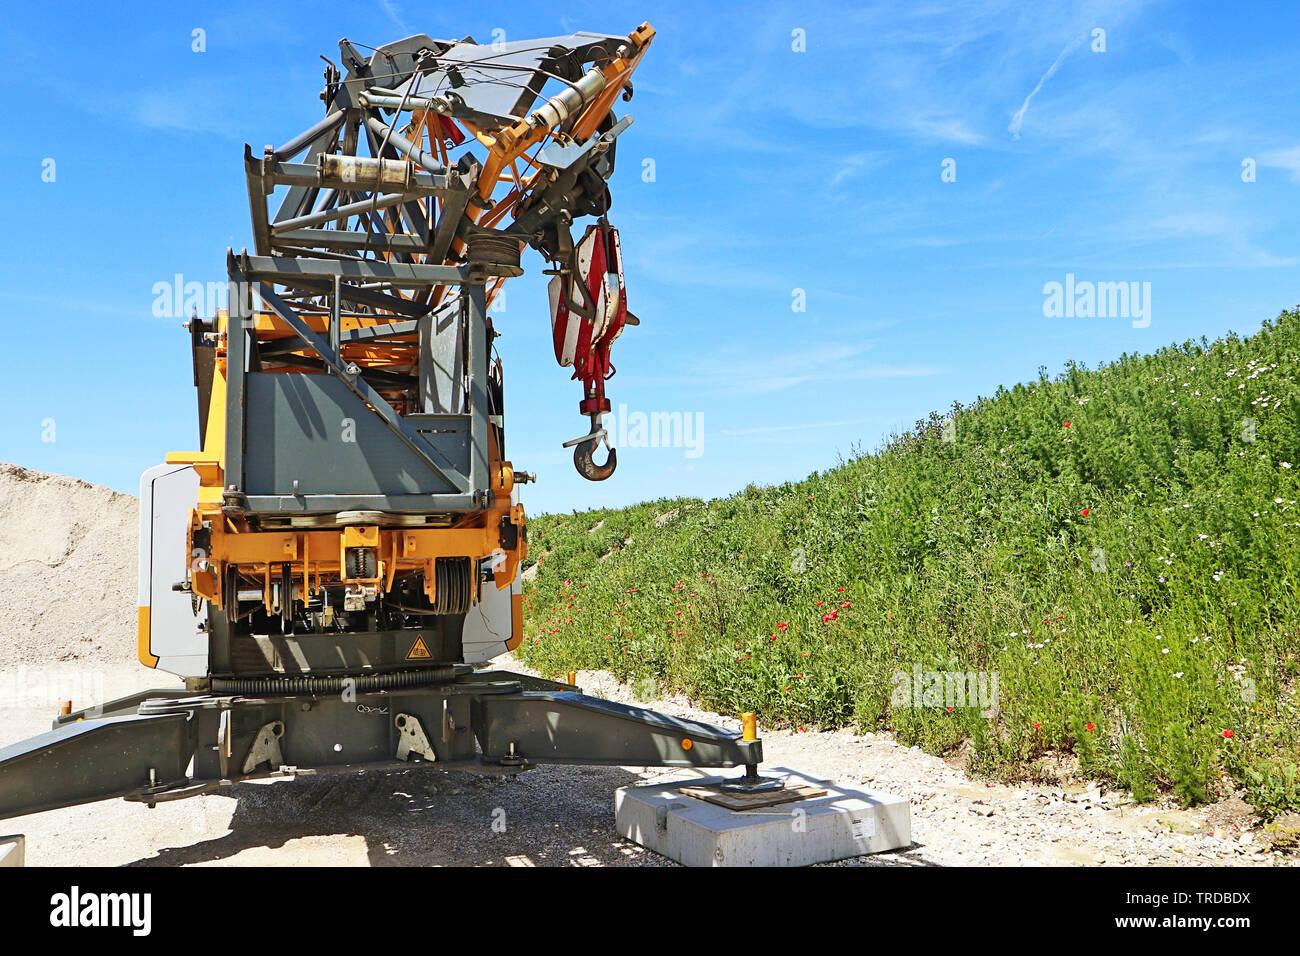 Une grue sur camion pour l'industrie de la construction stationné près d'un chantier de construction Banque D'Images